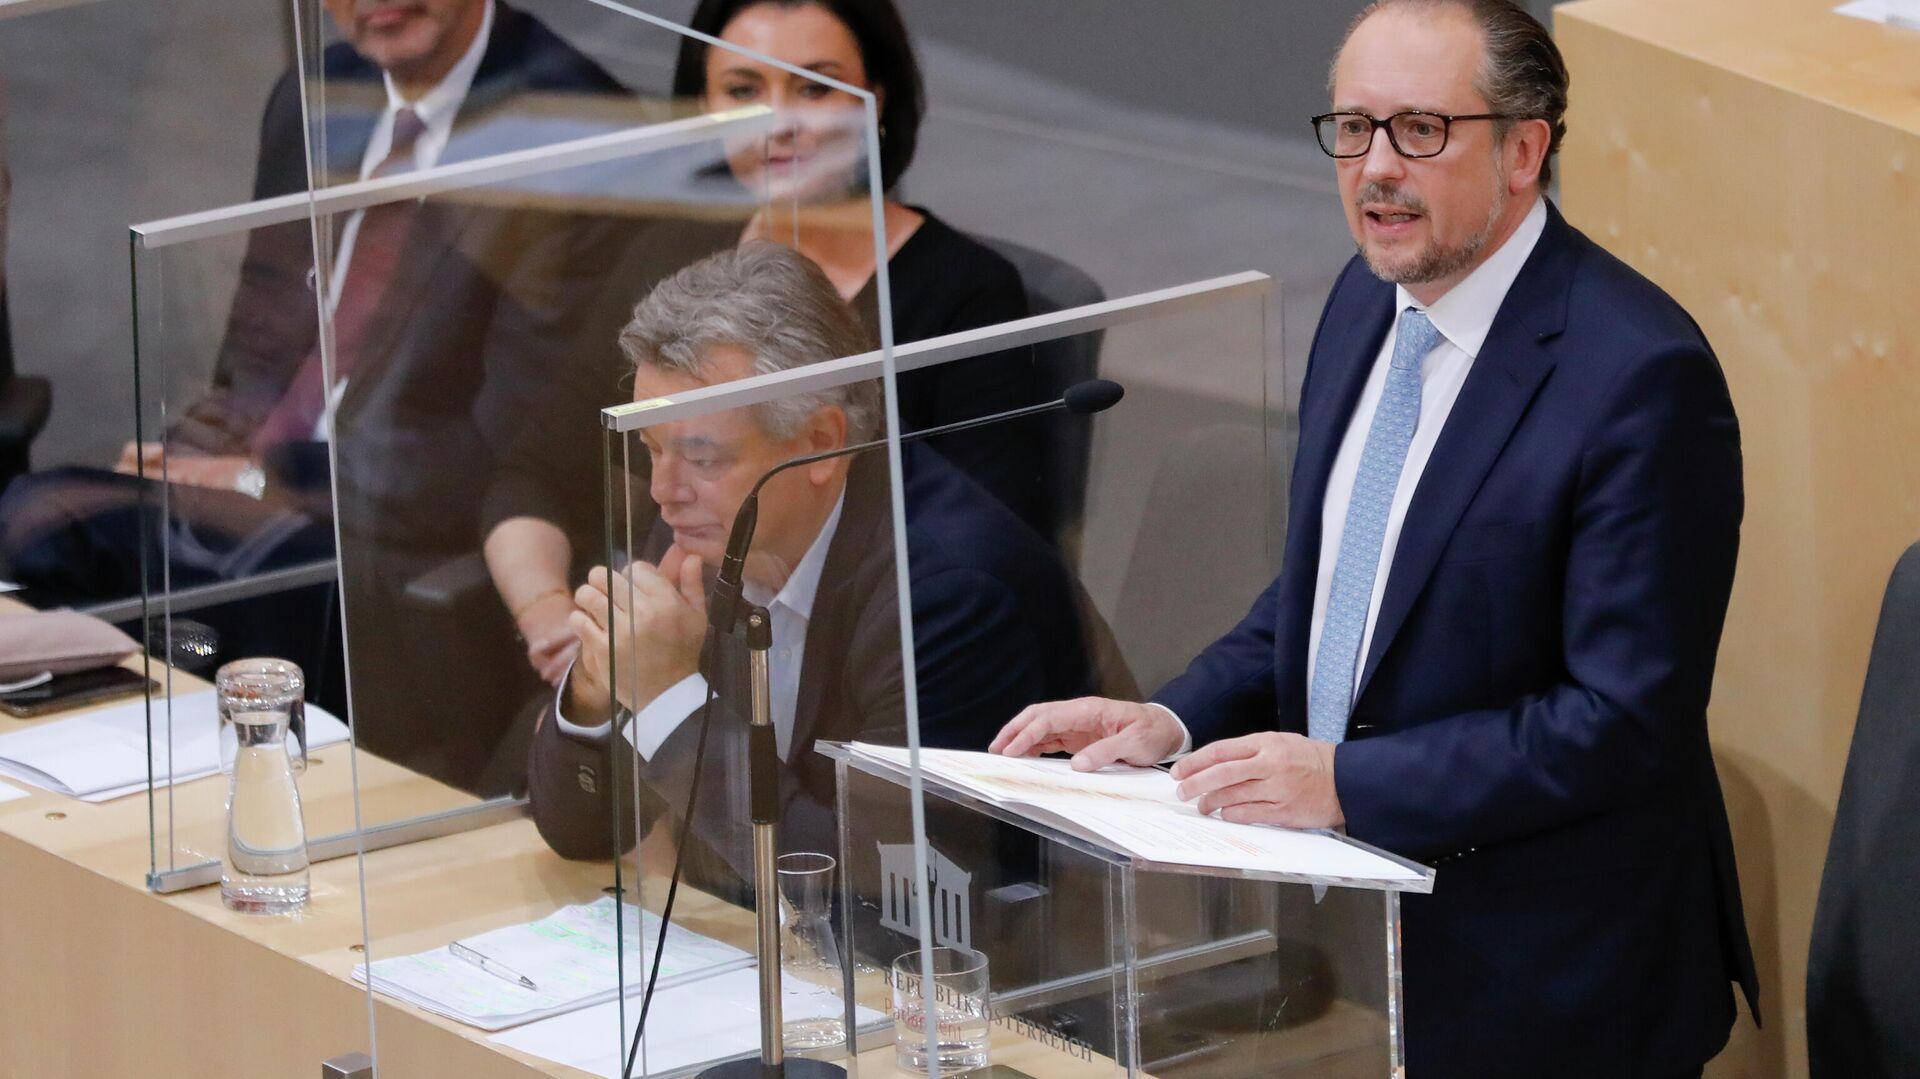 Der neue österreichische Kanzler hält die Rede im Parlament - SNA, 1920, 12.10.2021